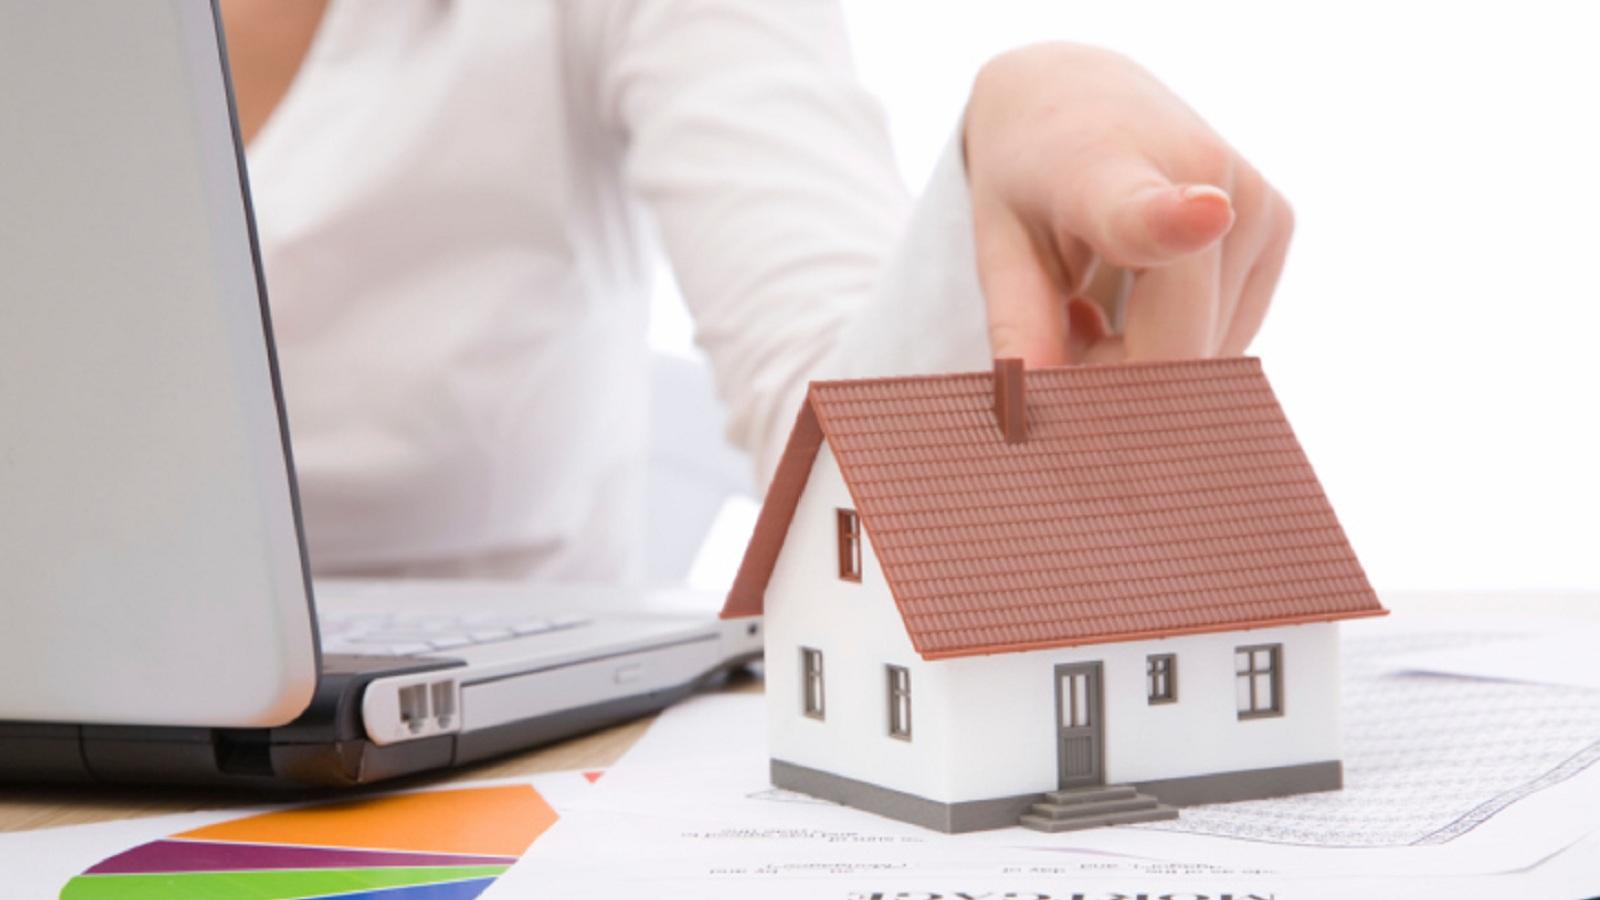 Tasse Per Acquistare E Vendere Casa Altroconsumo